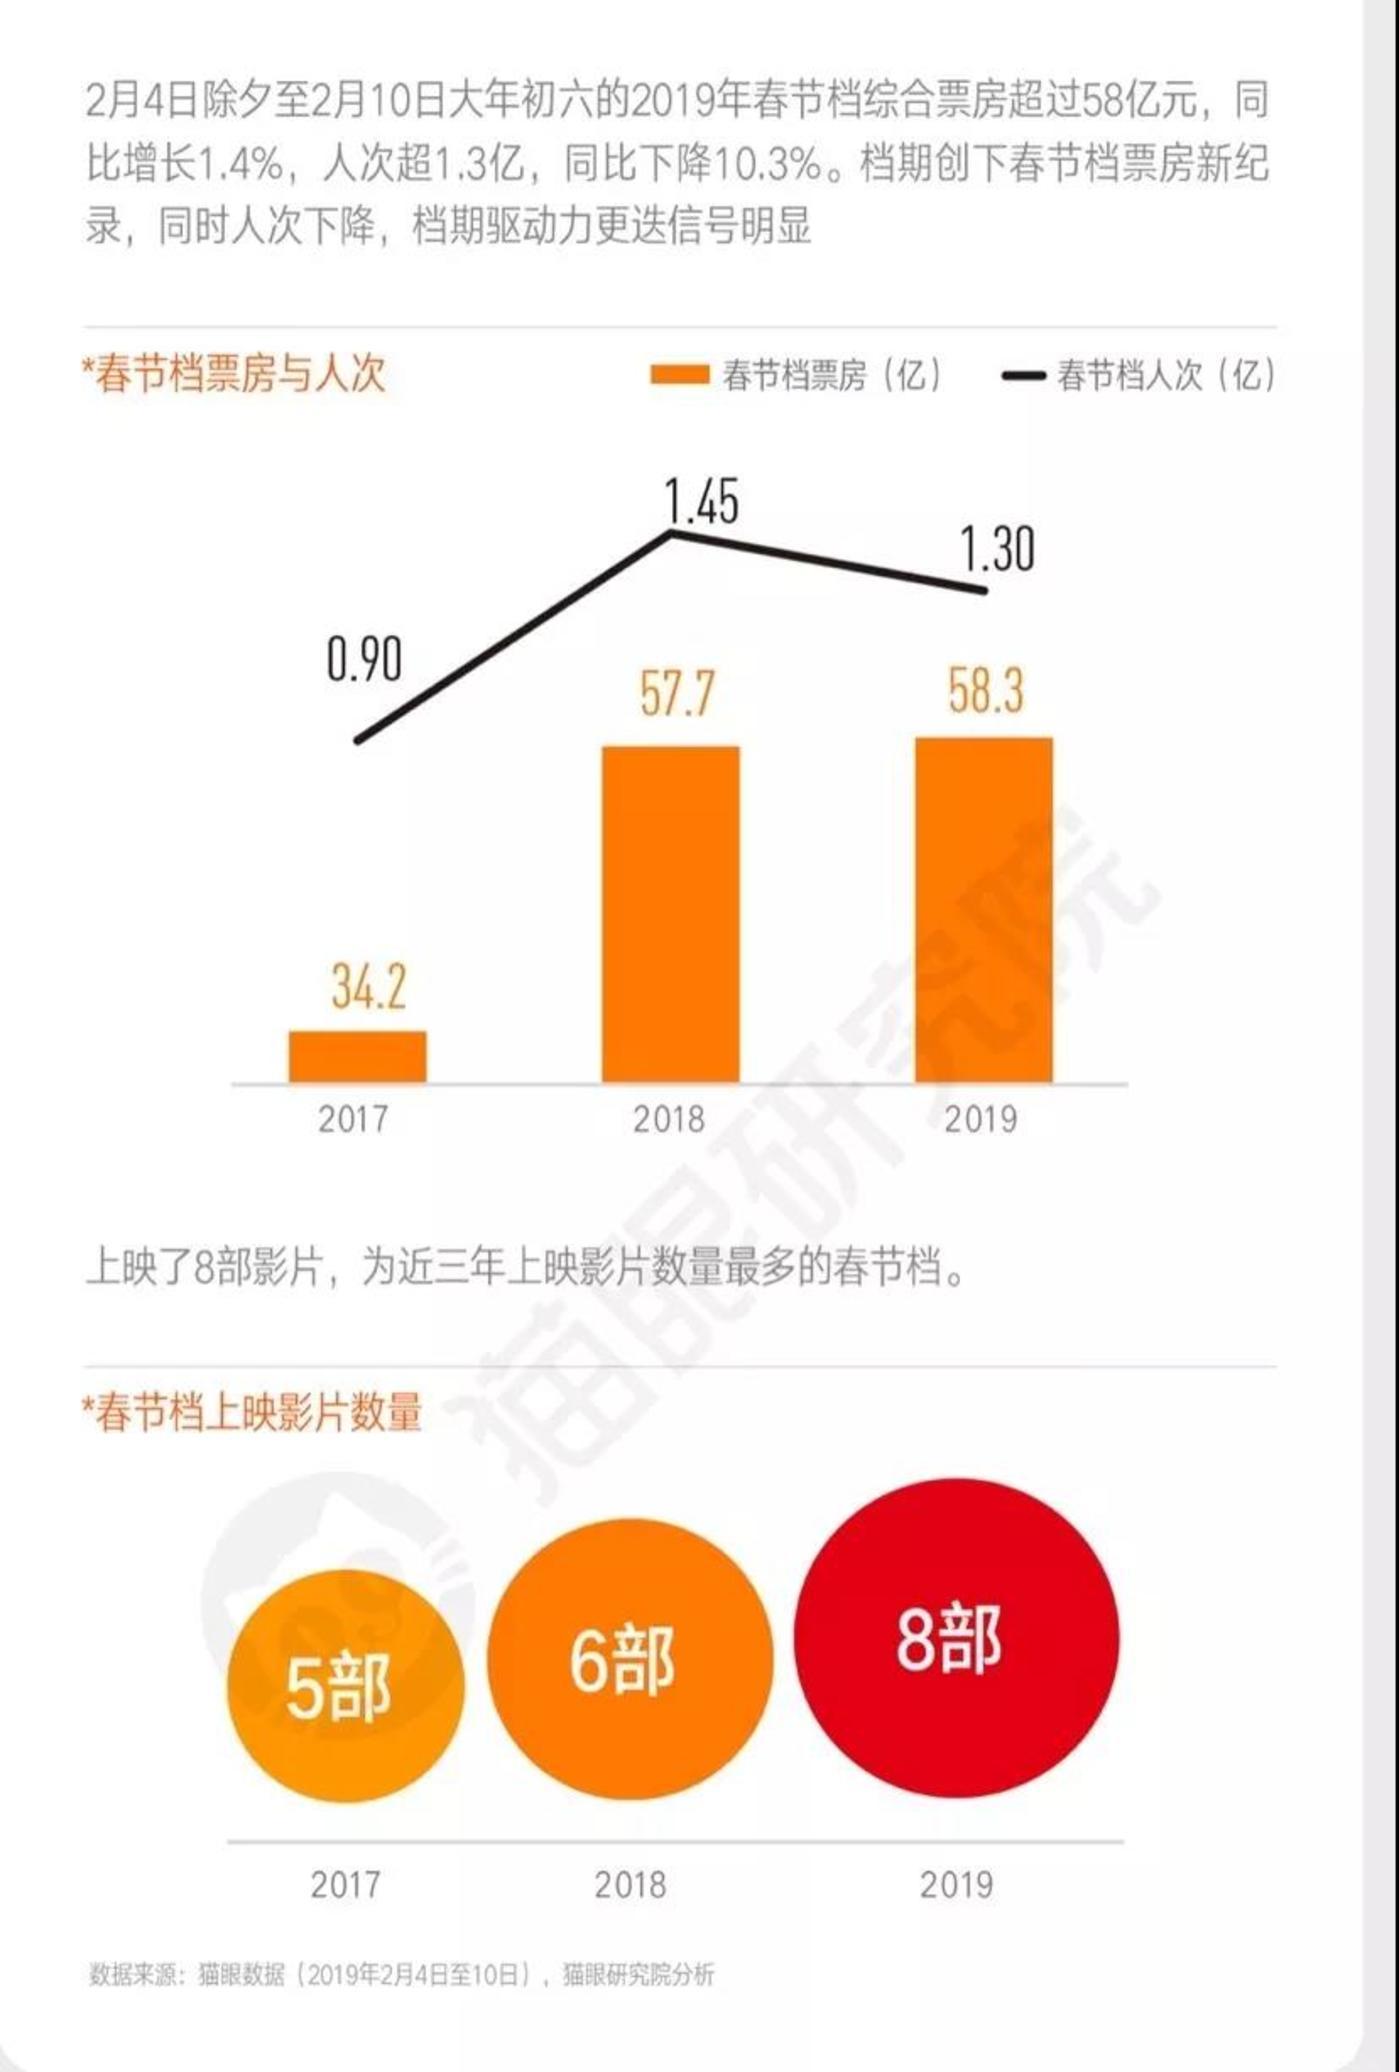 春节档单日票房同比变化。来源:猫眼研究院